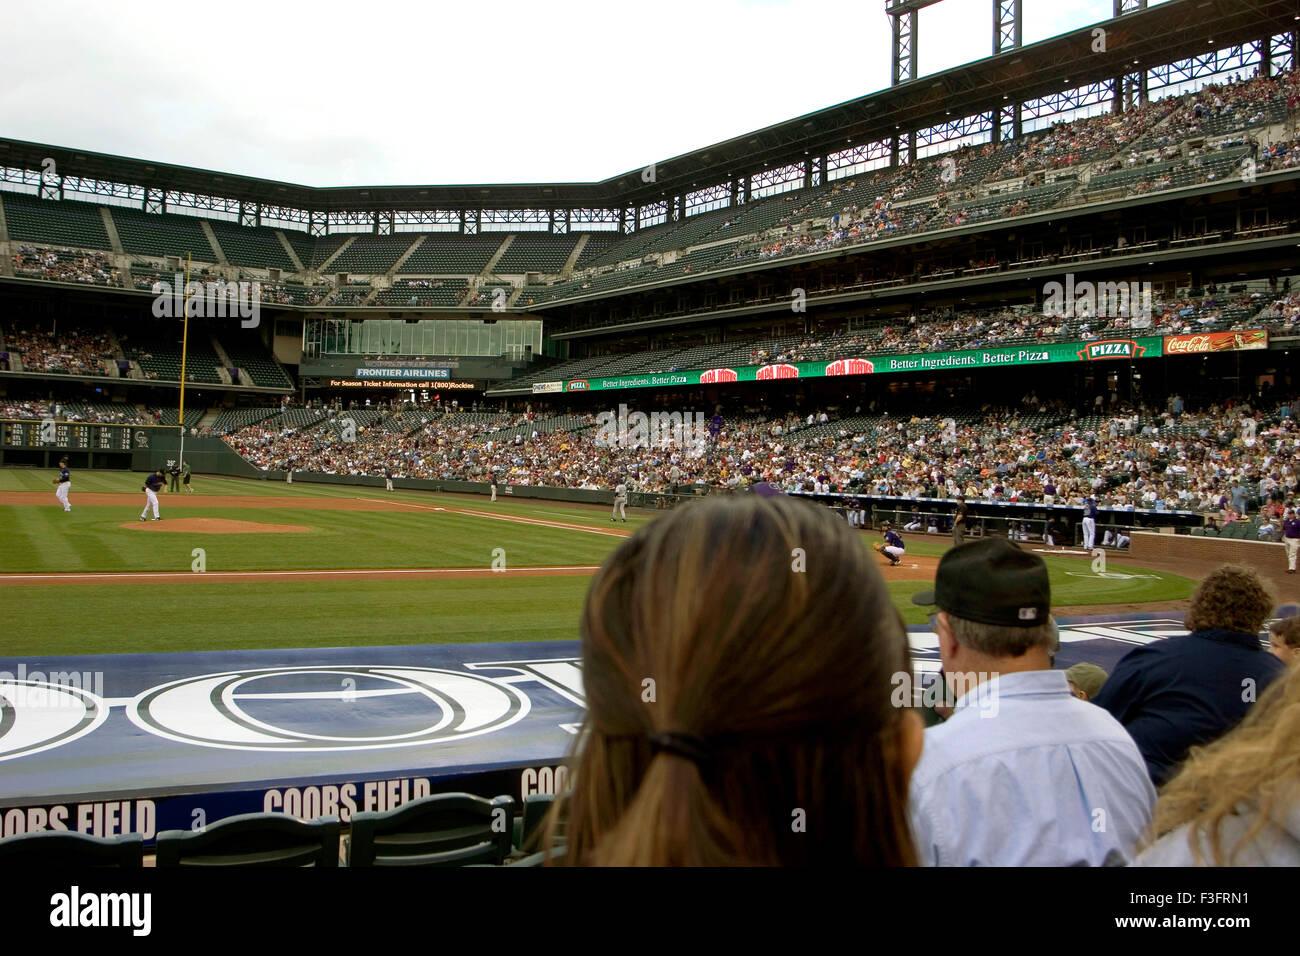 Baseball gioco popolare negli Stati Uniti ha giocato in stadium Immagini Stock